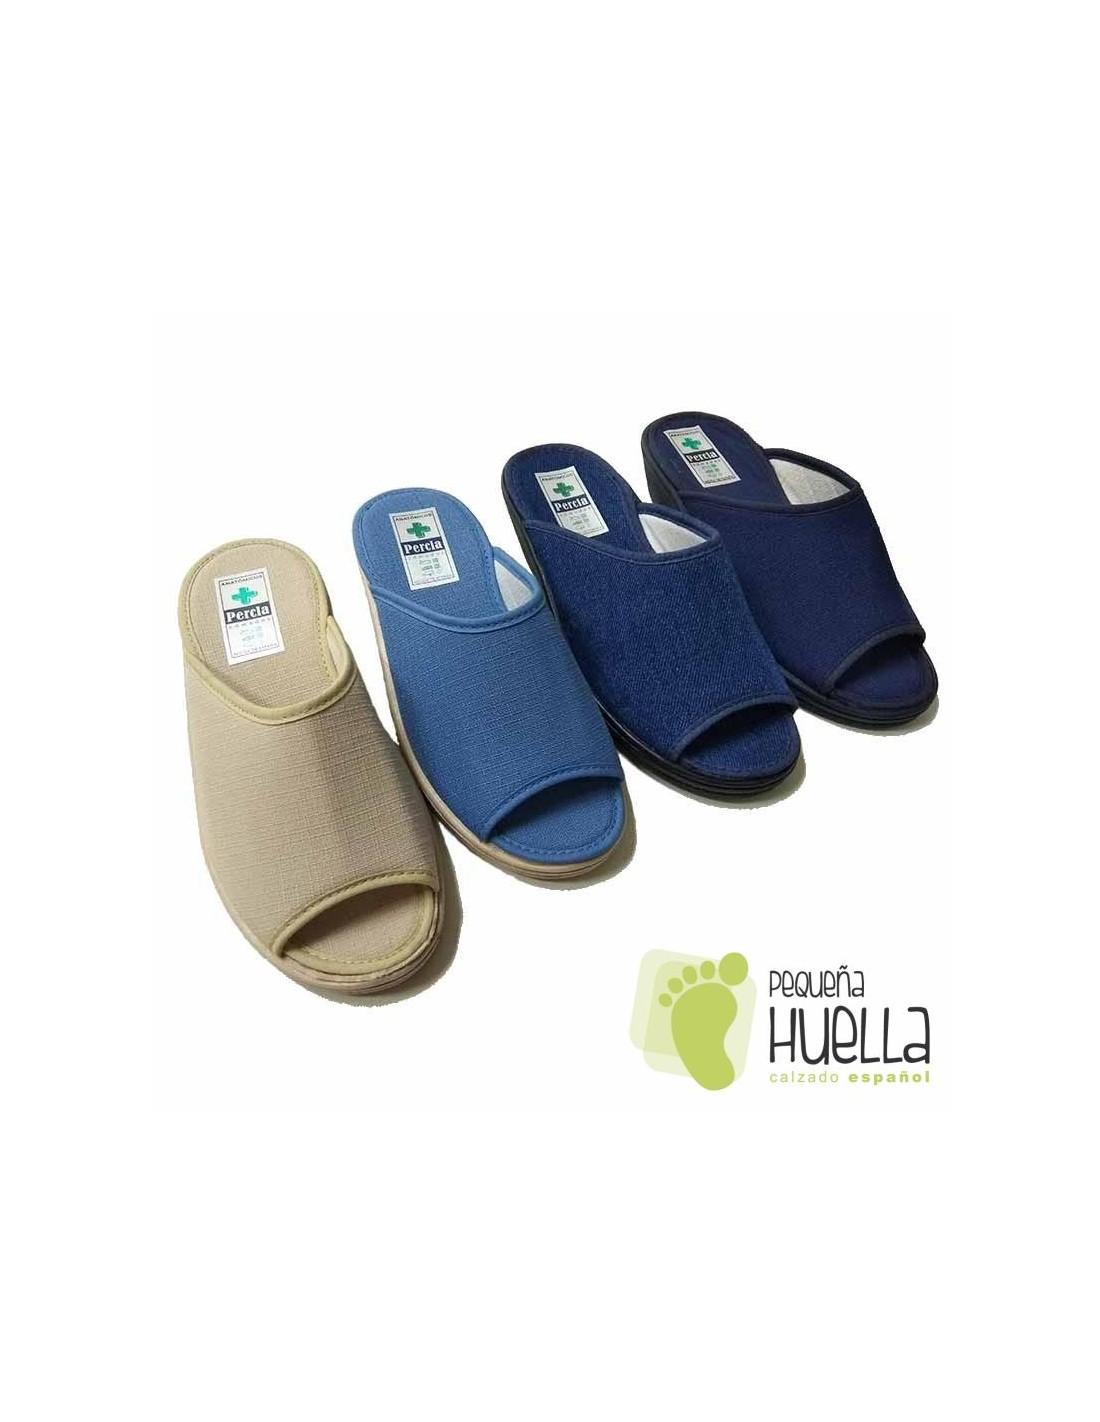 Coloridos Zapatos ba/ño Verano,Zapatillas Masaje Terapia magn/ética,Zapatillas acupresi/ón,Zapatillas ba/ño Antideslizantes,Pool Shoes Ba/ño Slide Mujeres Hombres